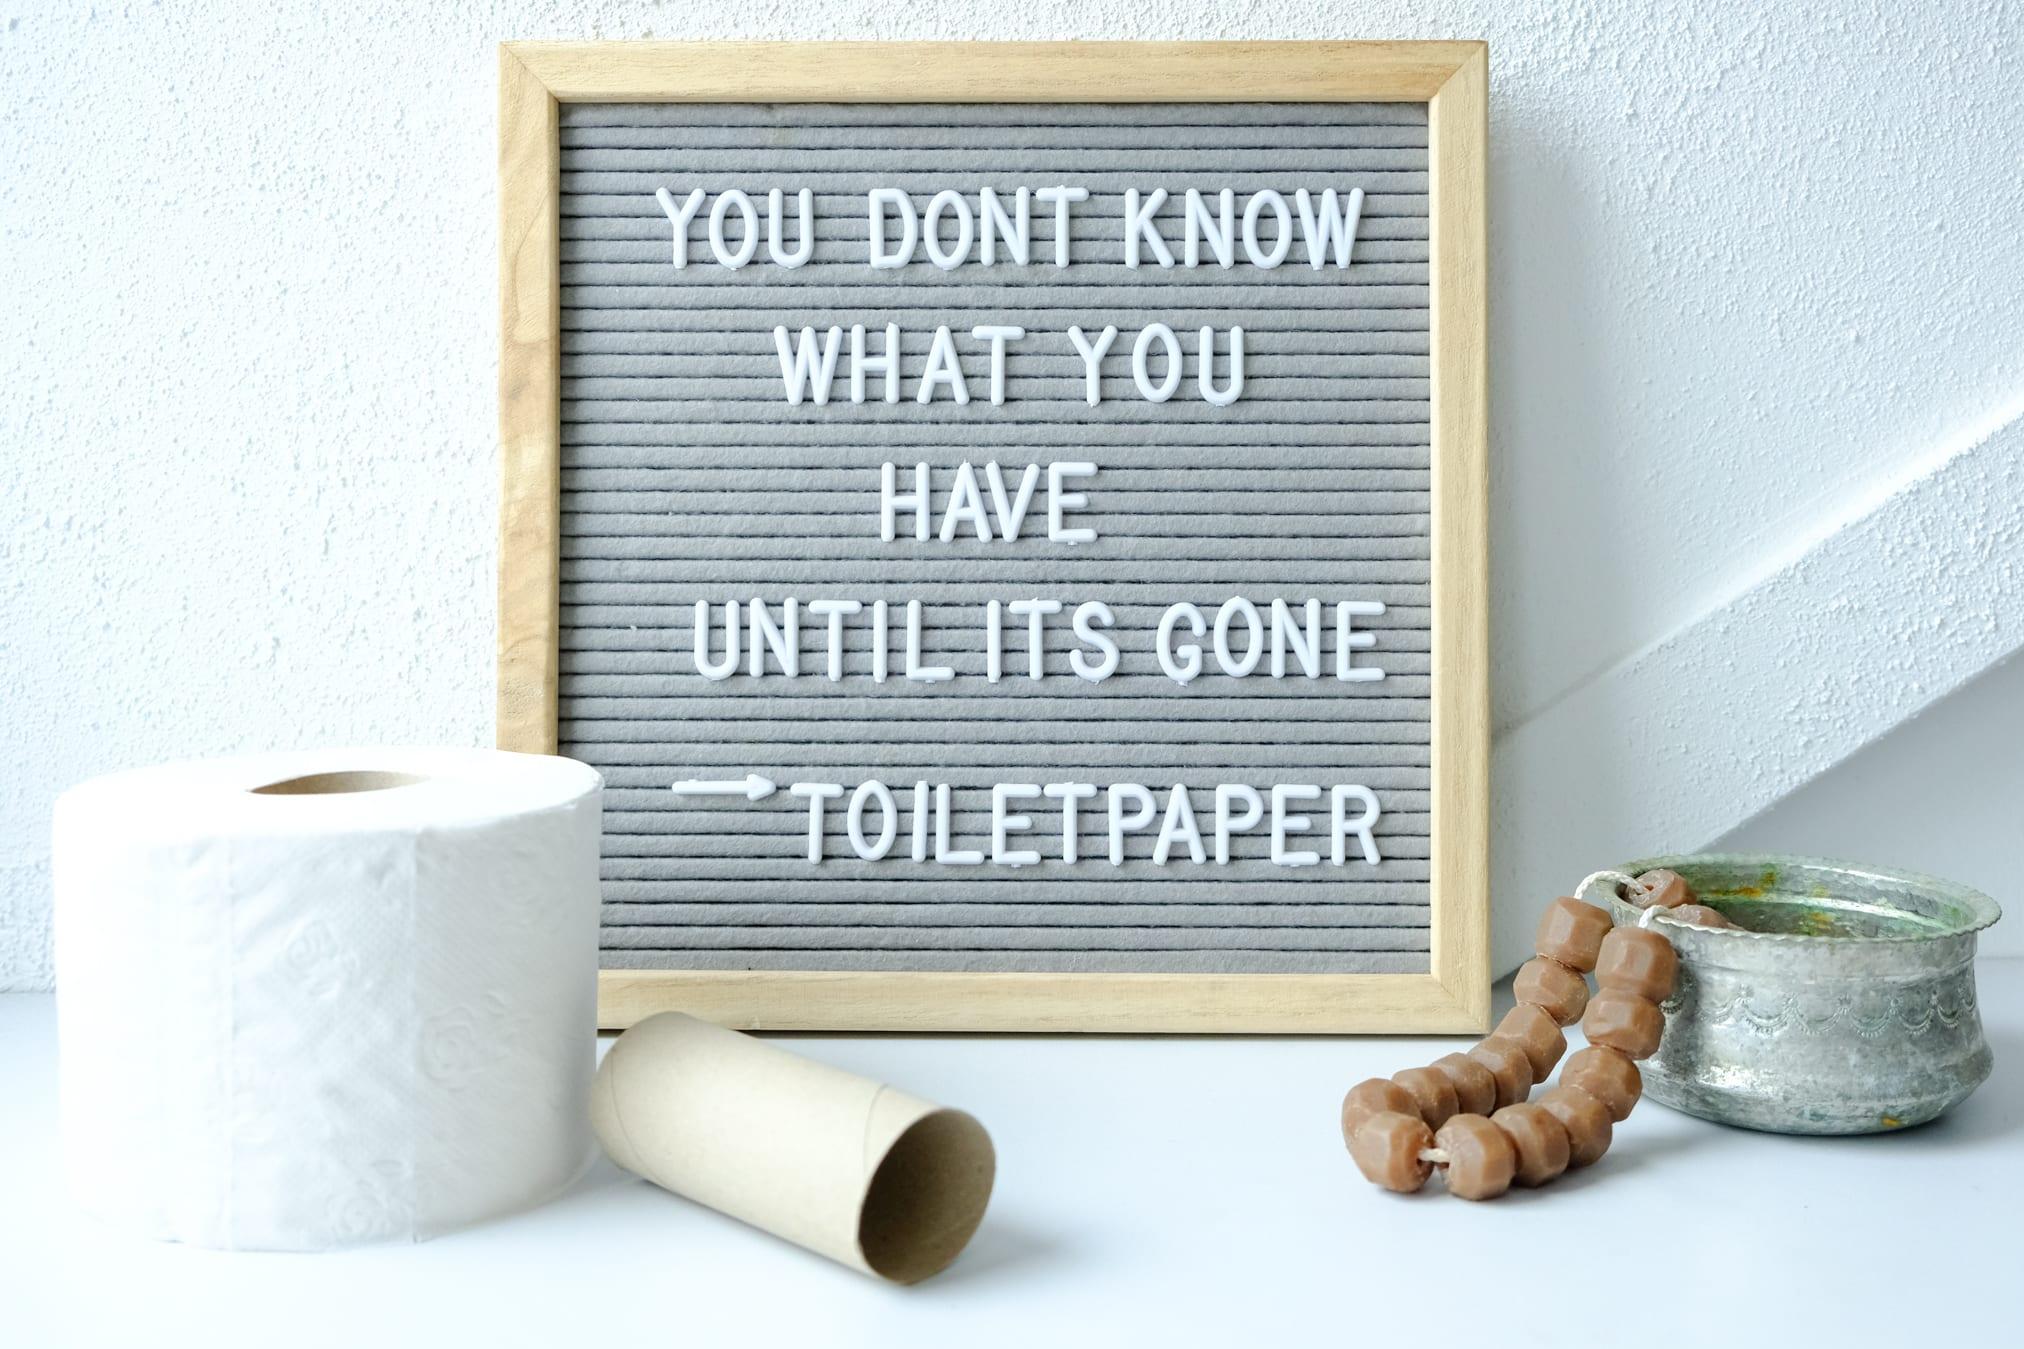 Wc Quotes 15x Grappige Teksten Voor Op Het Toilet Een